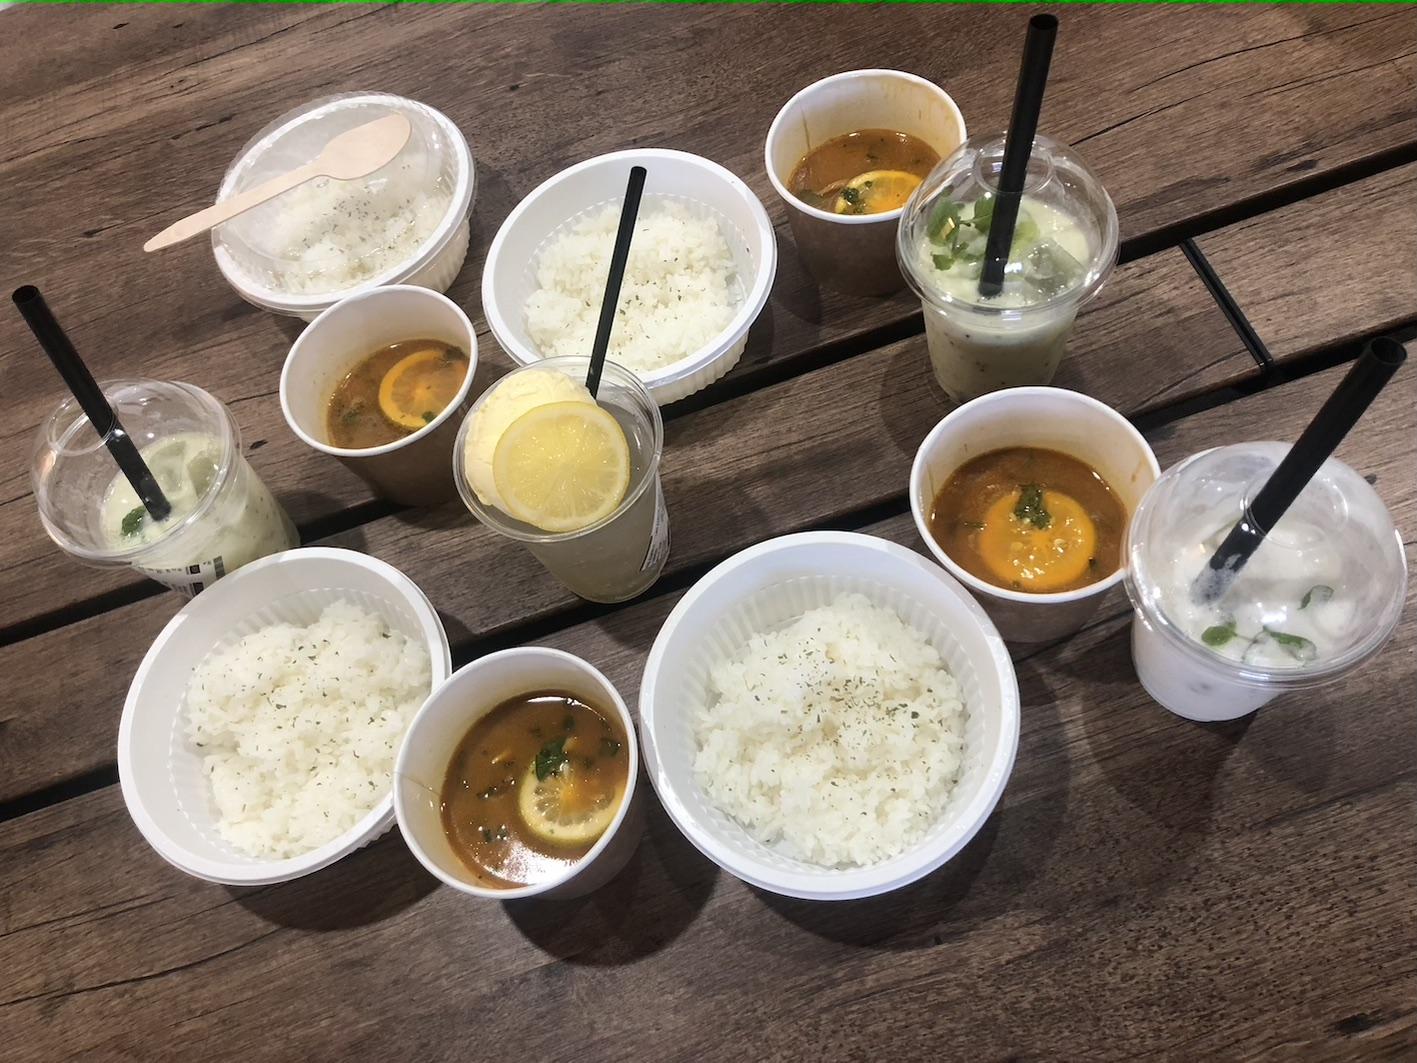 テーブルの上の食事と飲み物  自動的に生成された説明